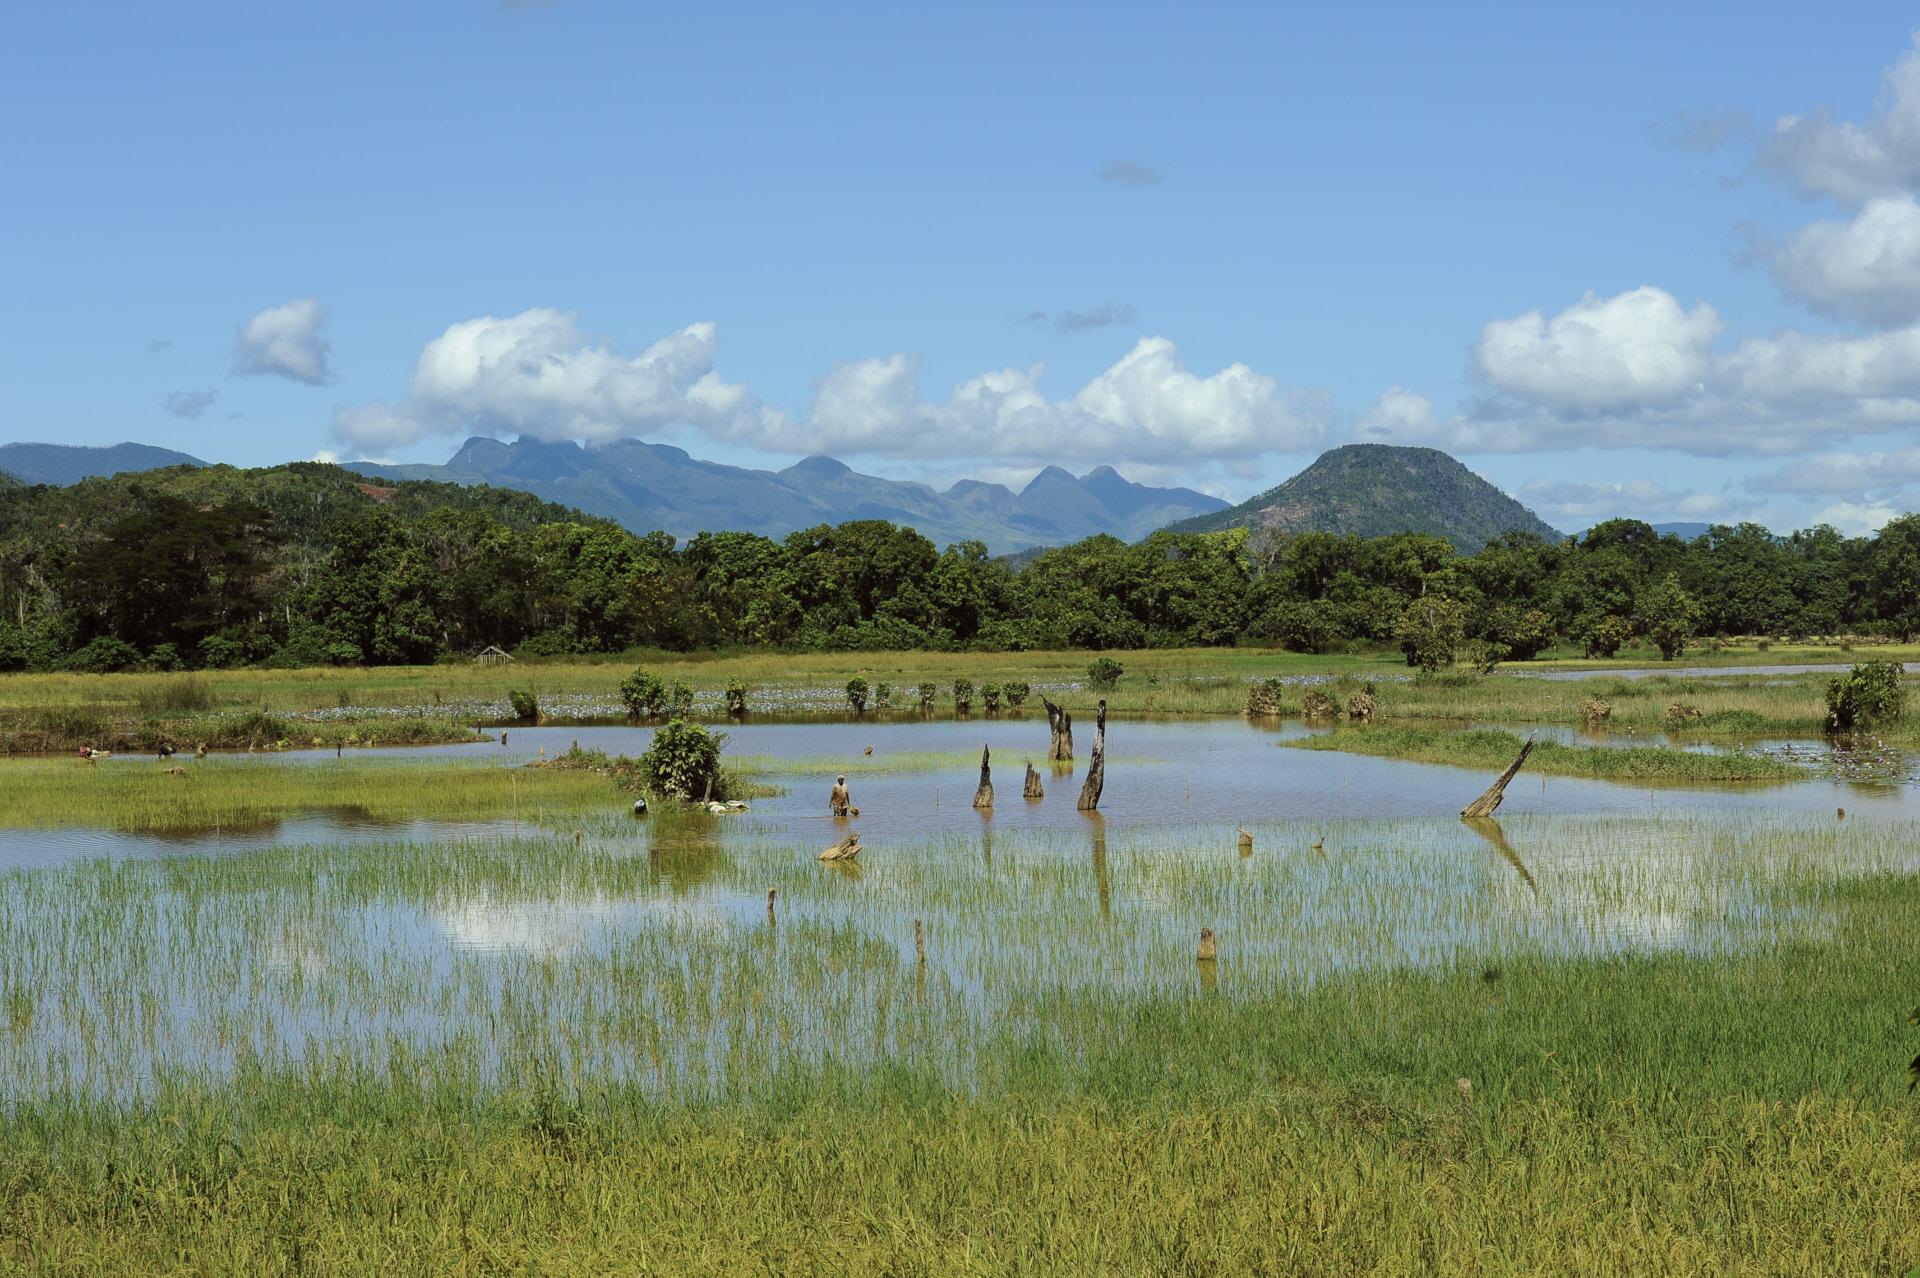 paesaggi del Madagascar